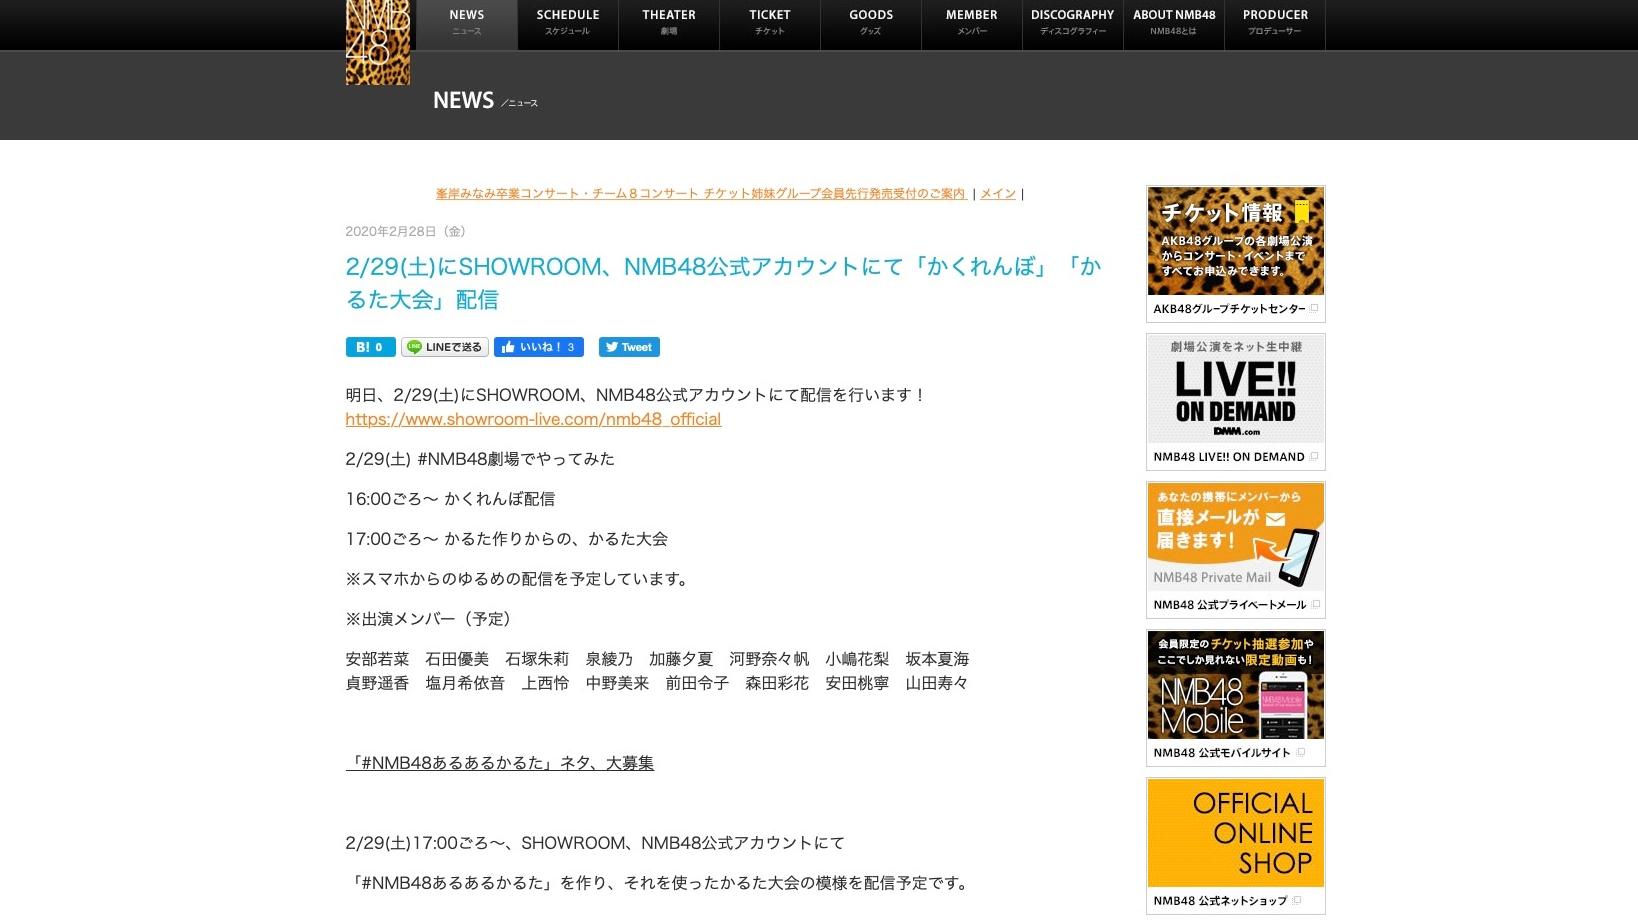 【NMB48】2/29にSHOWROOMで「かくれんぼ」「かるた大会」。「NMB48あるある」も募集中